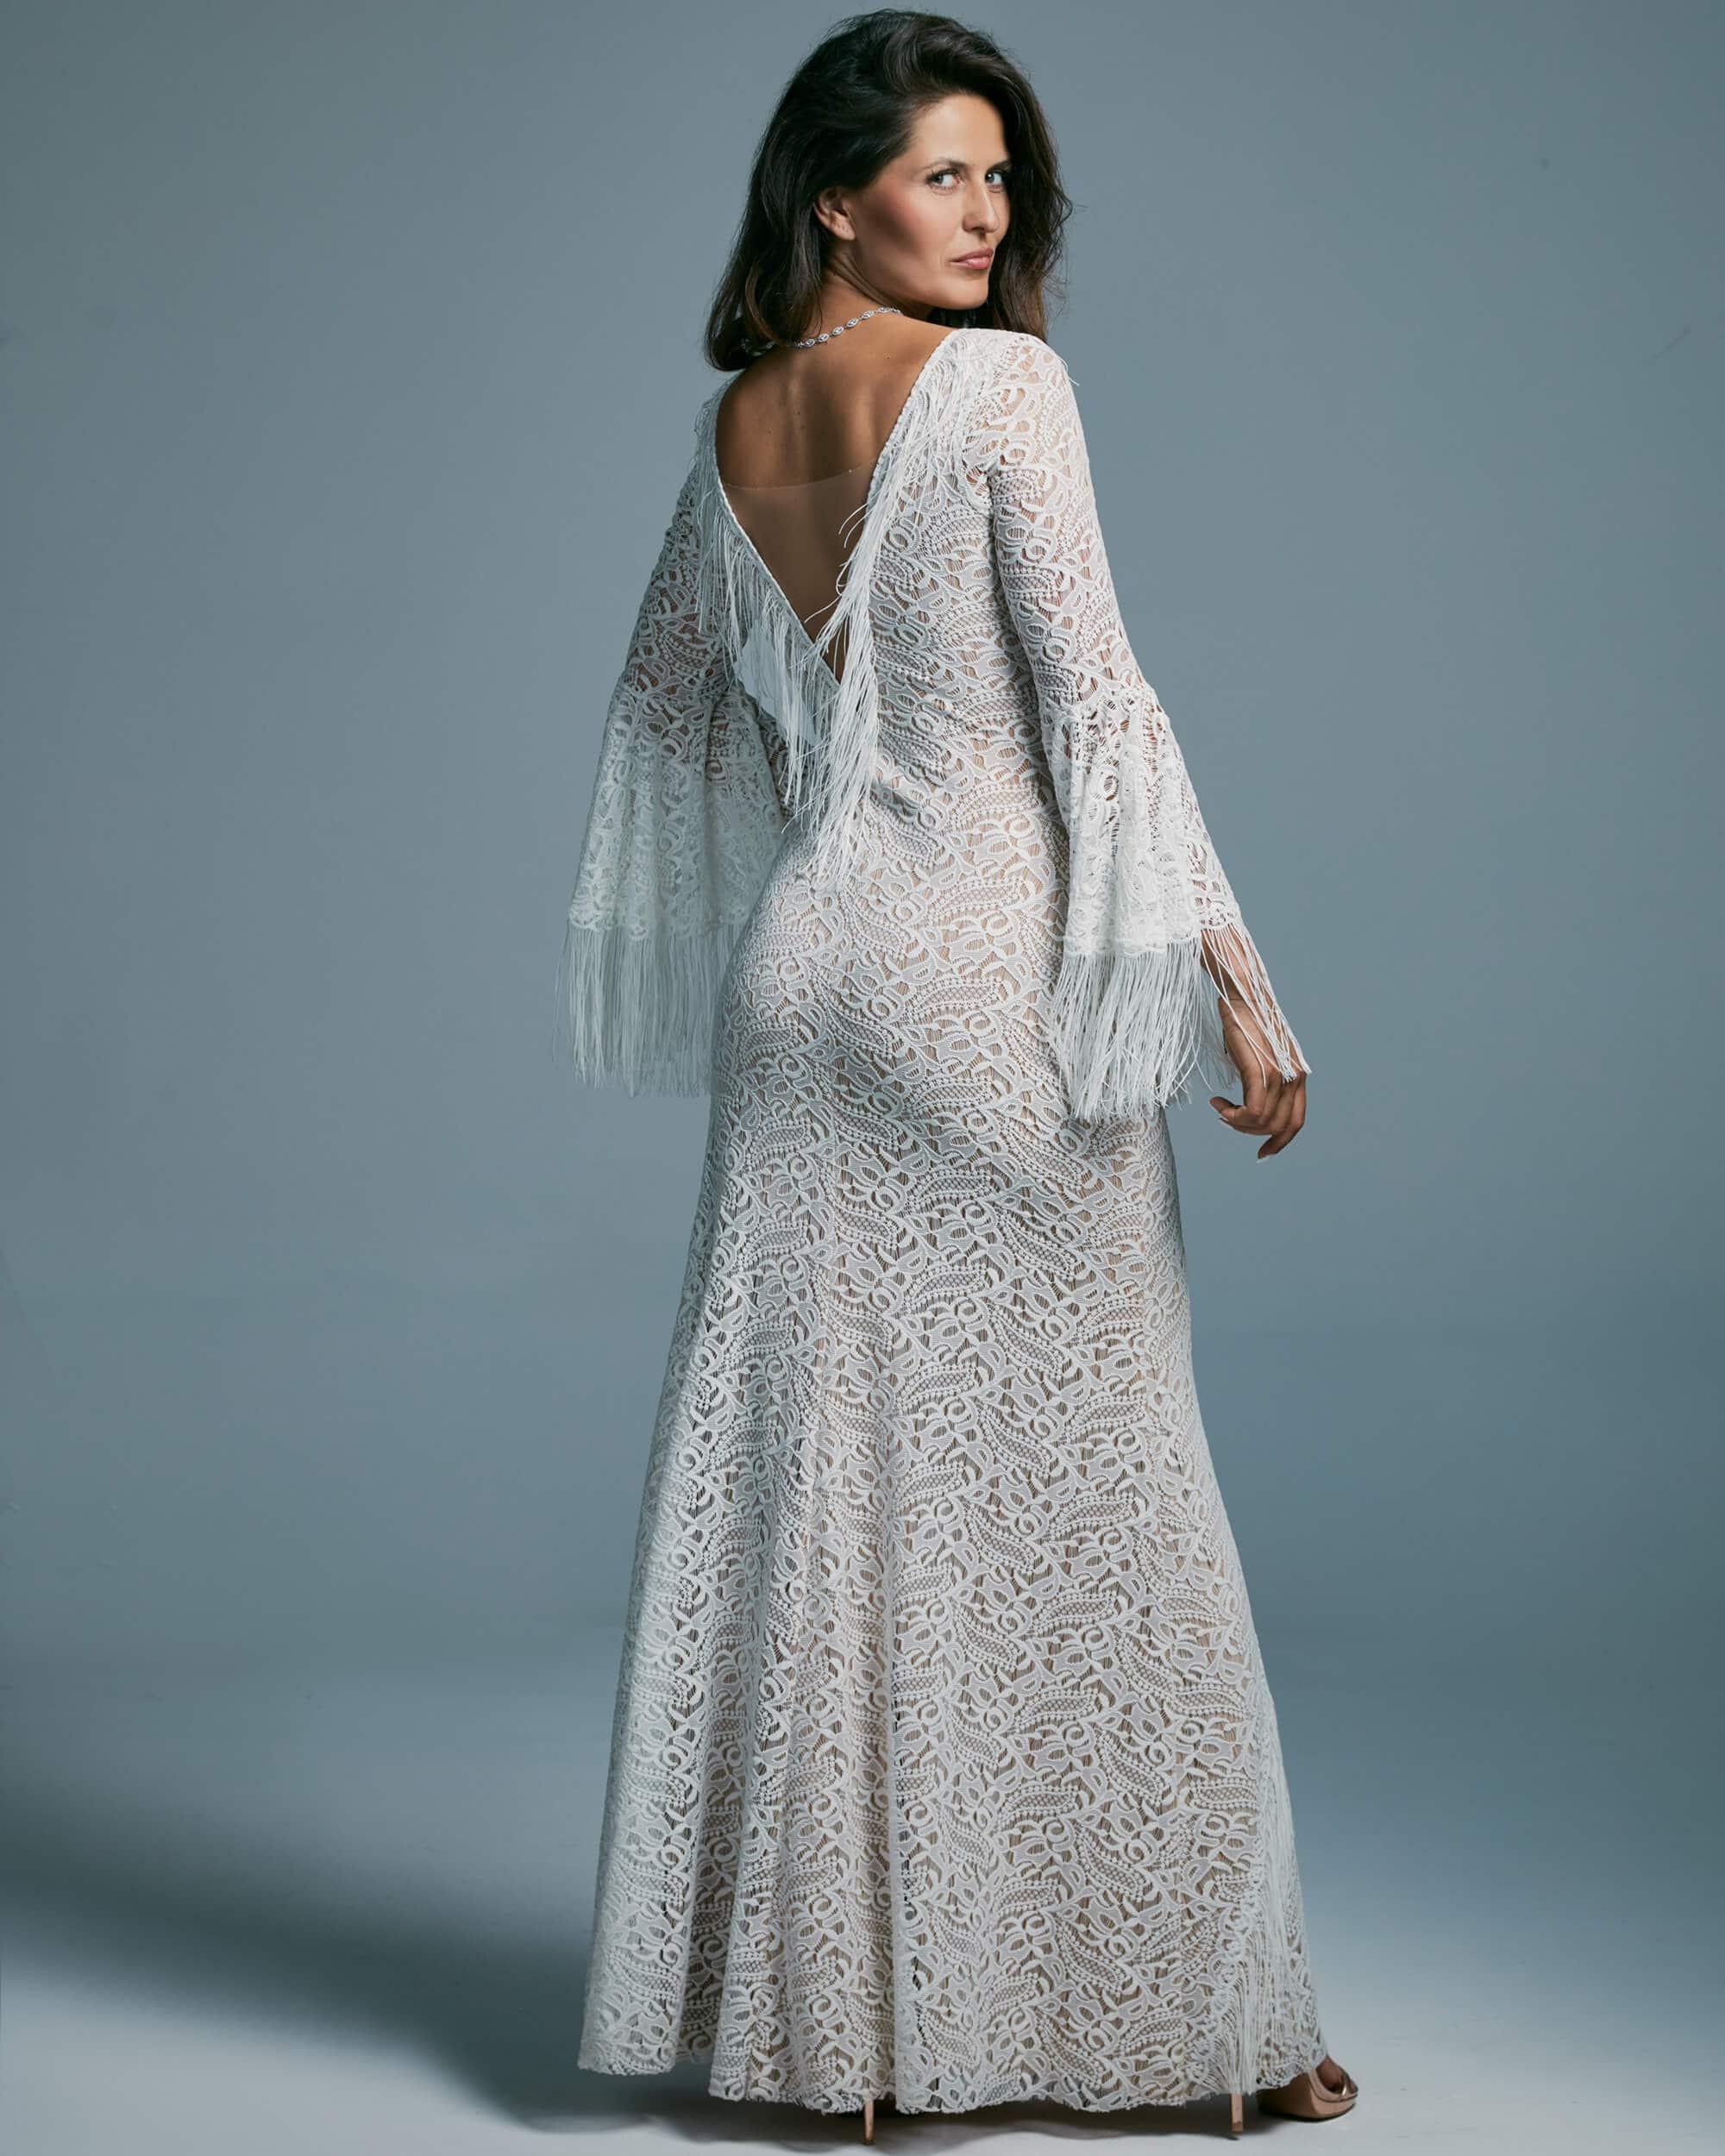 Zmysłowa suknia ślubna modelująca sylwetkę - Porto 46